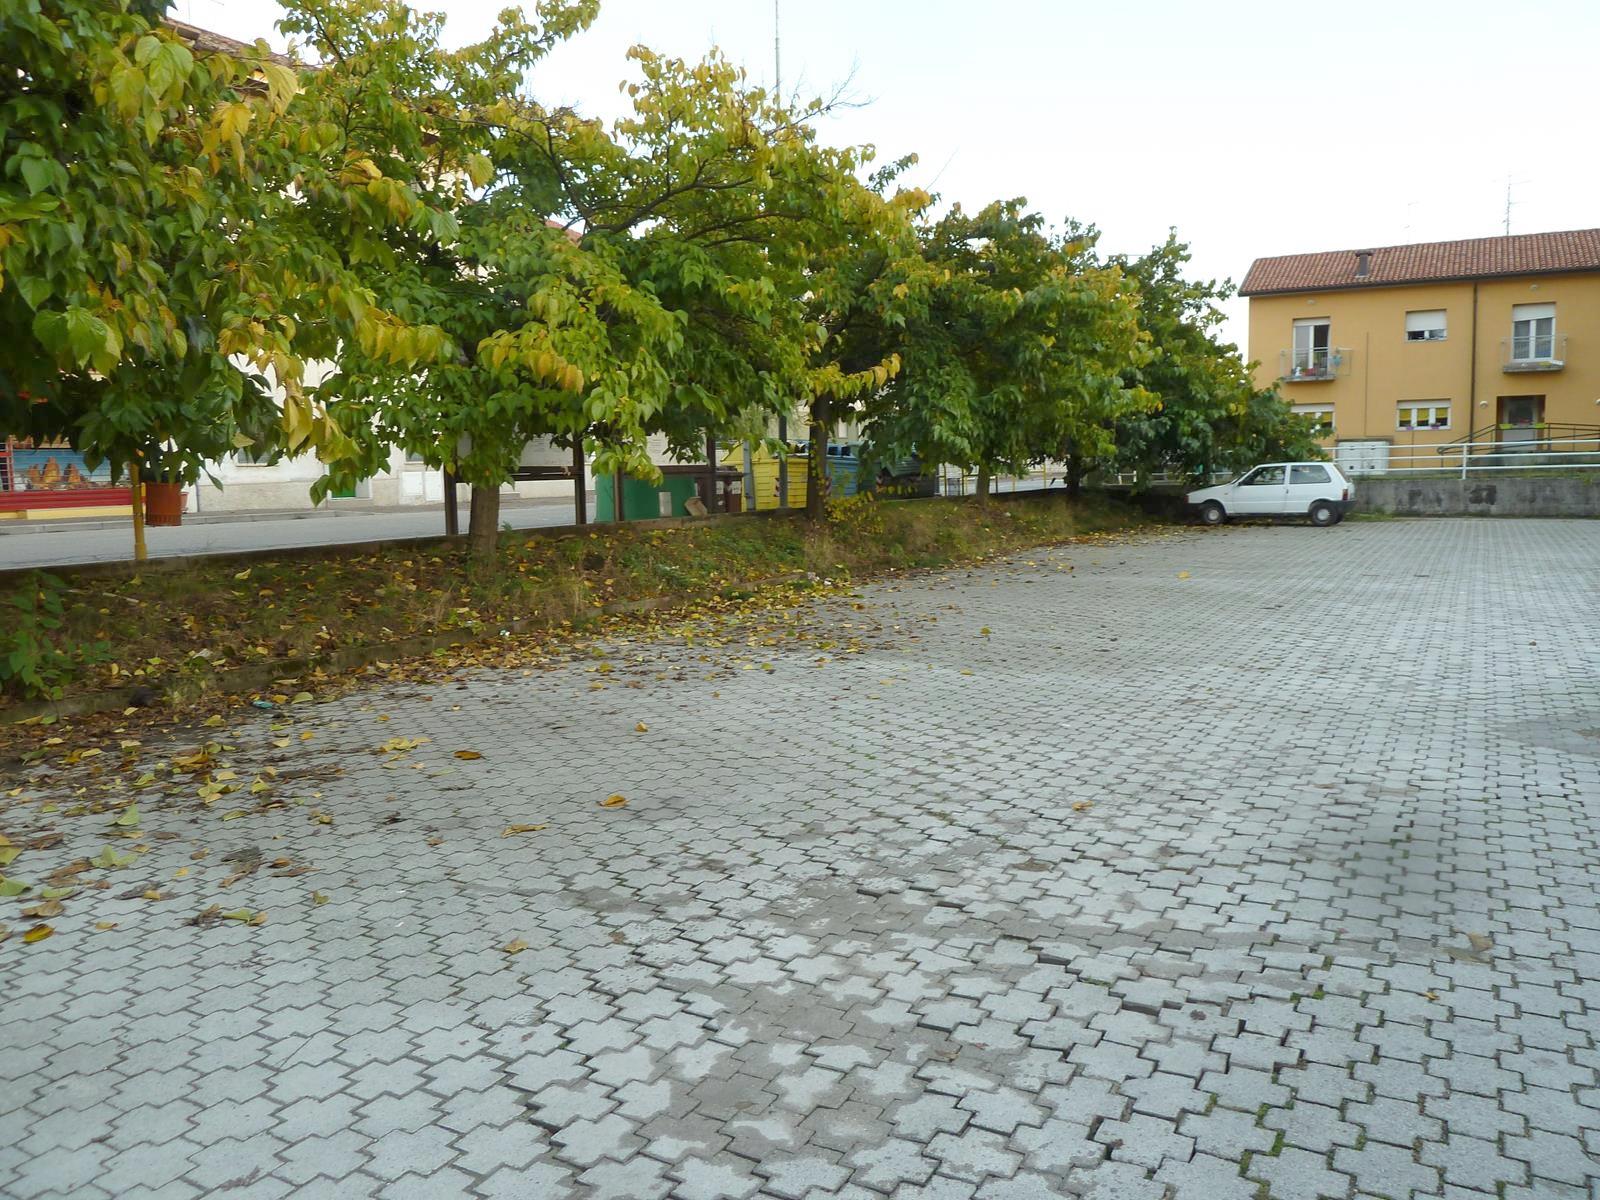 Parcheggio libero fronte ufficio